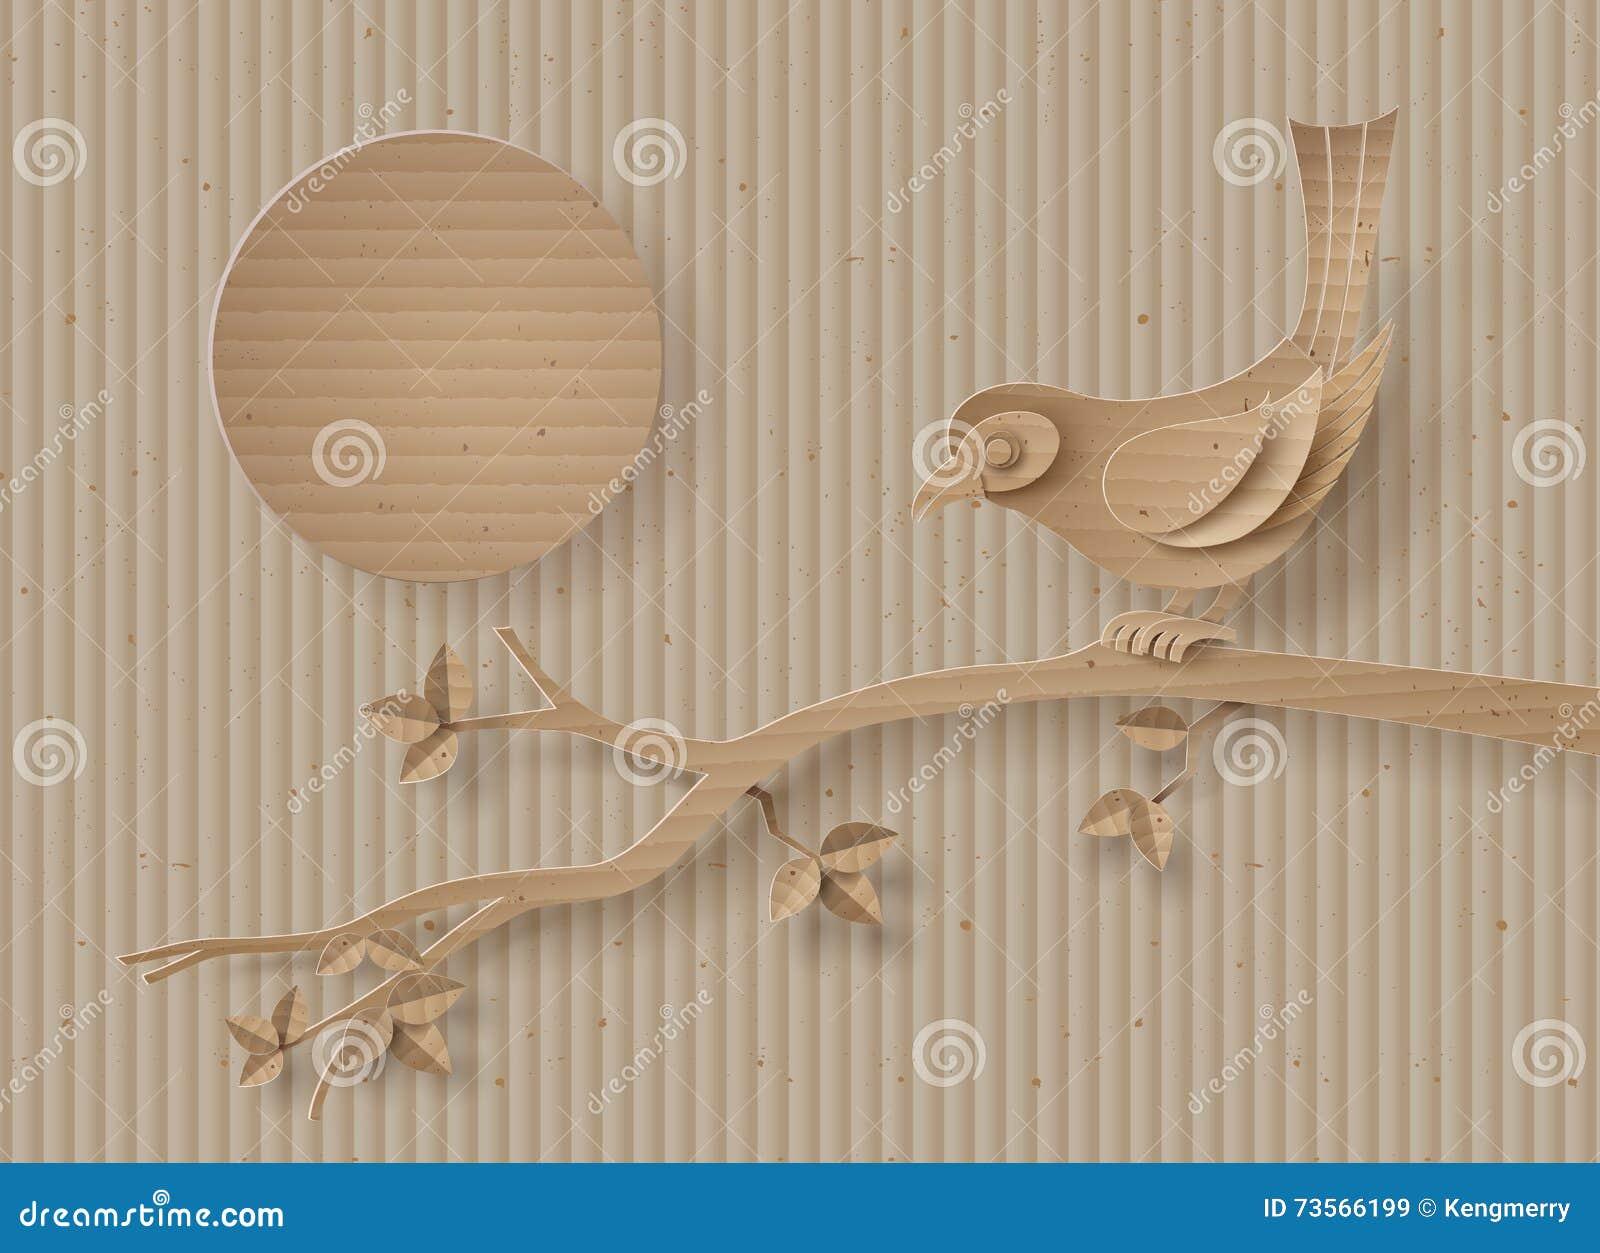 O pássaro empoleirou-se em um ramo de uma árvore